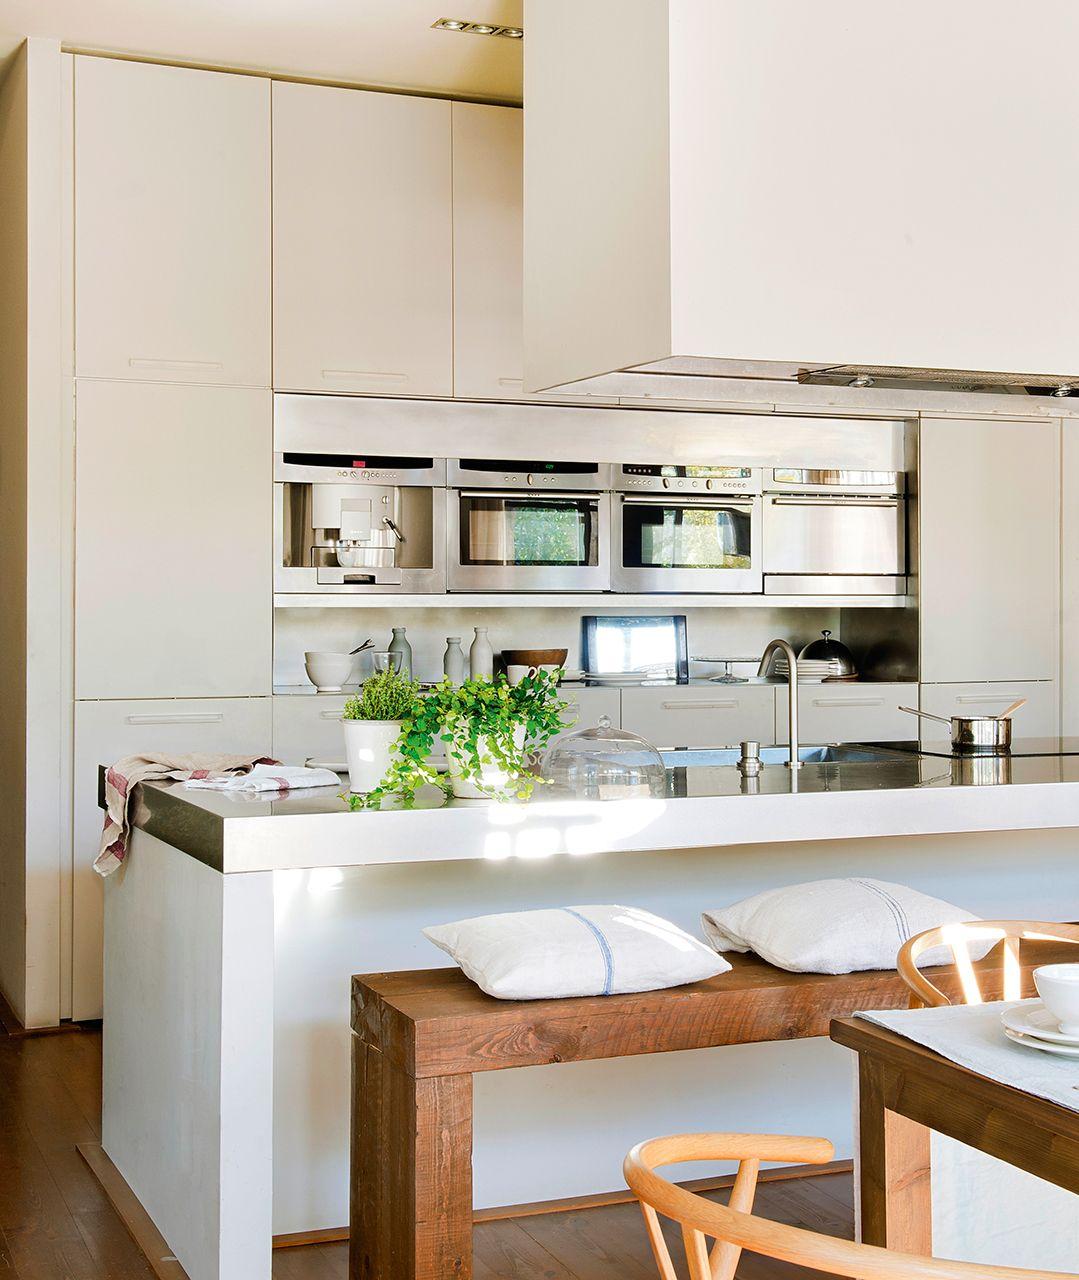 Cocinas abiertas: adiós a la claustrofobia | El comedor, Desayuno y ...